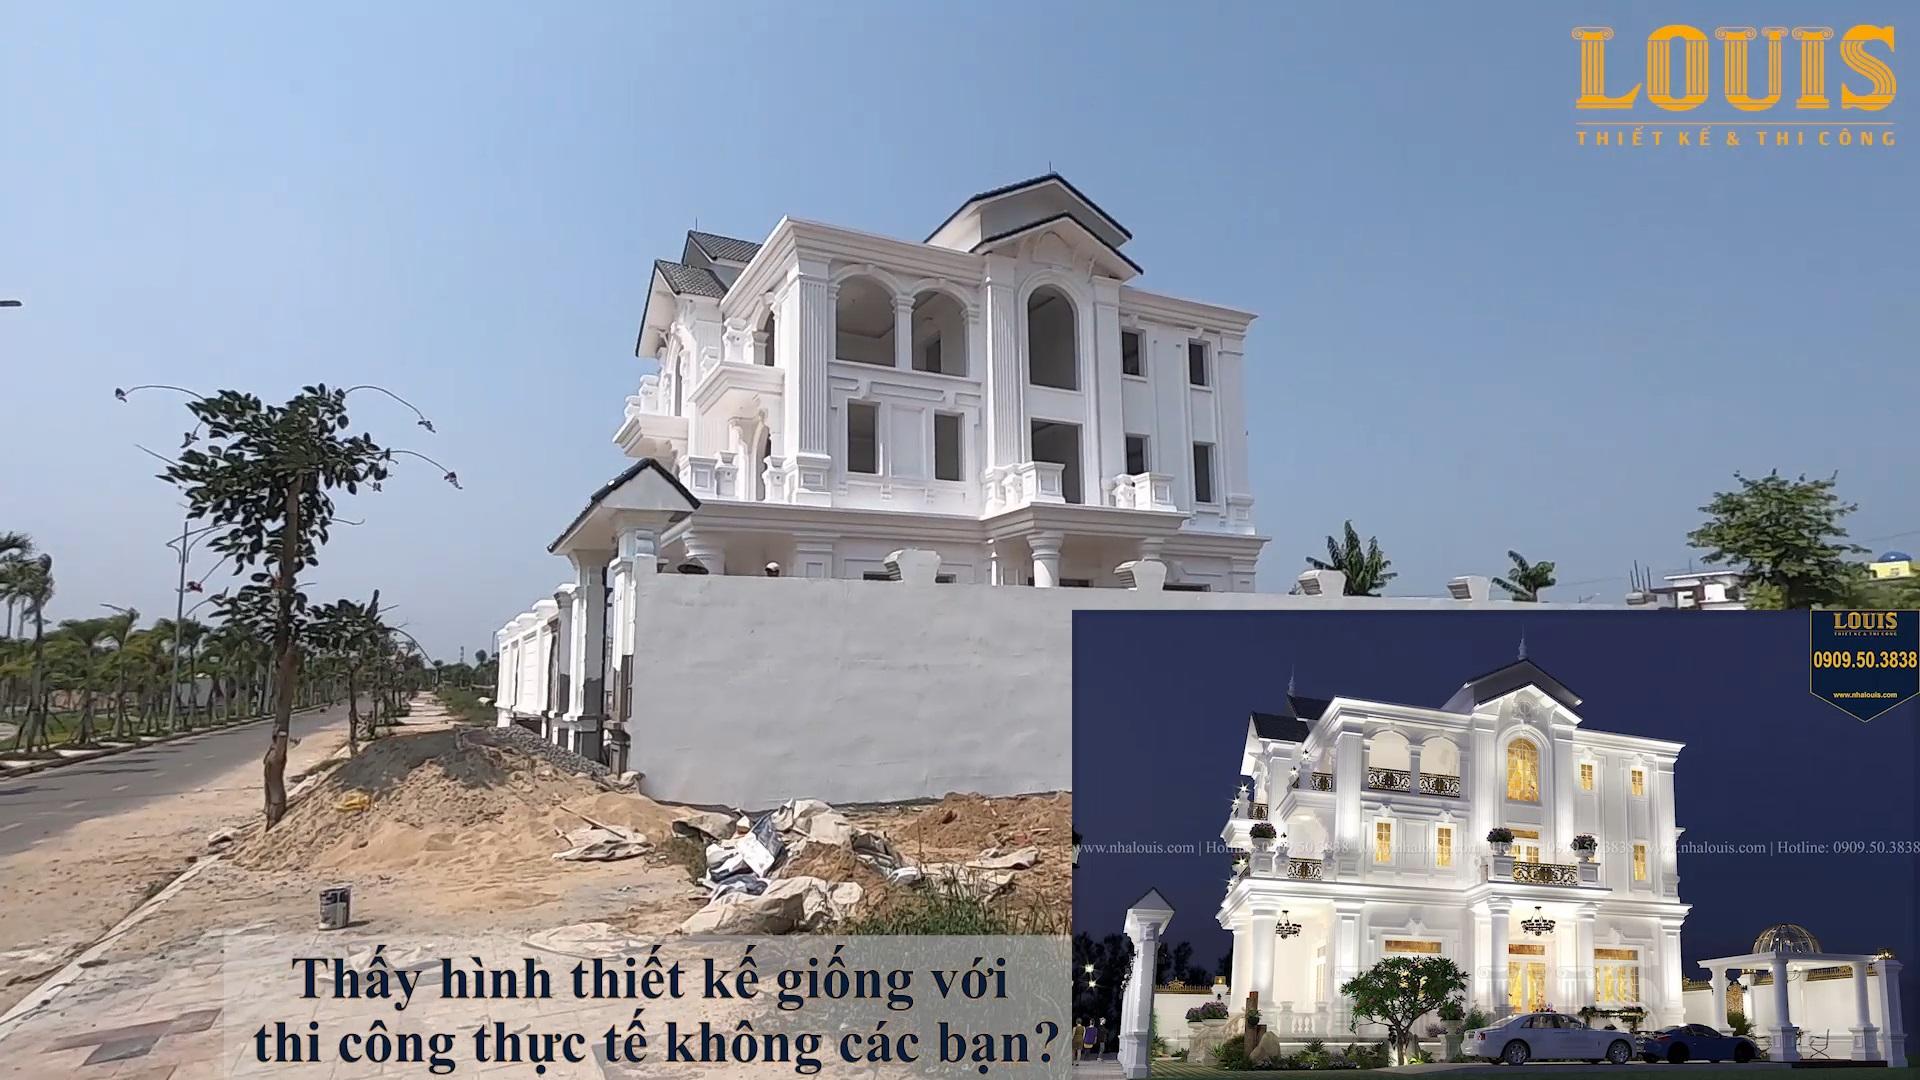 Tham quan 3 công trình biệt thự của LOUIS thiết kế và thi công tại Quảng Ngãi